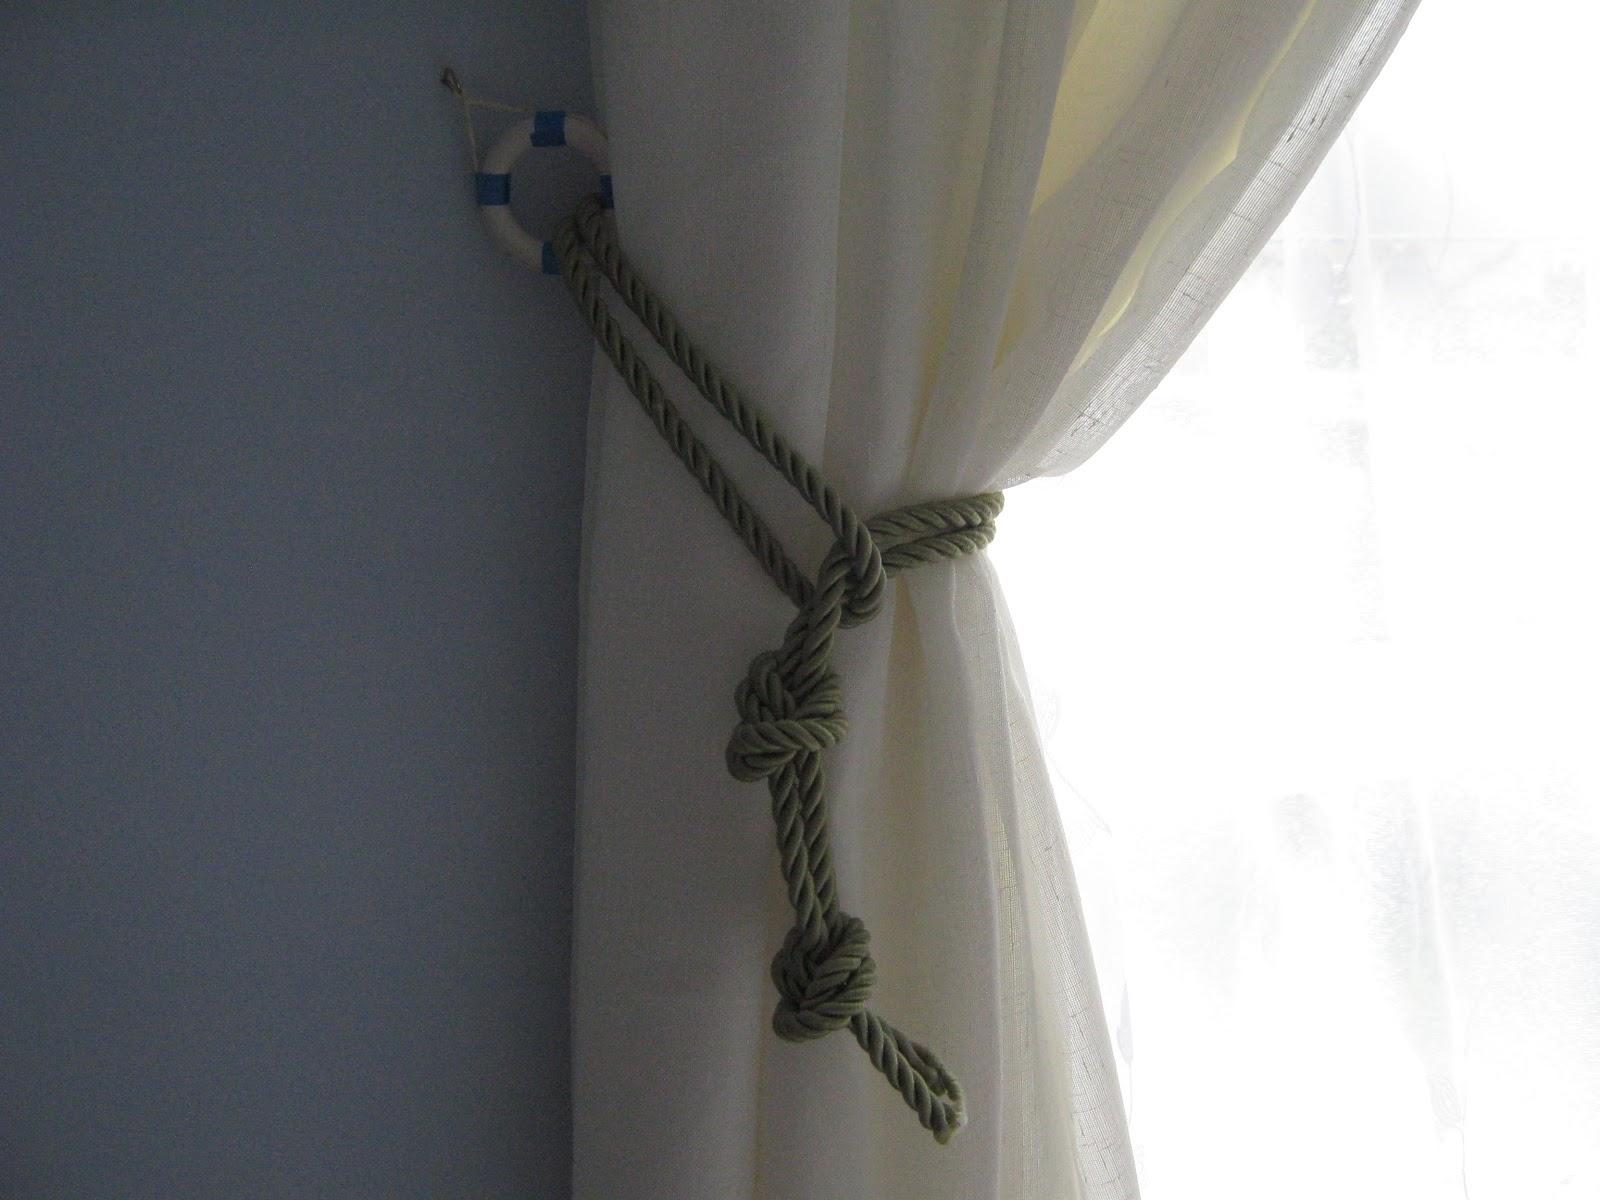 Creative Curtain Tie Backs Ideas : Creative Curtain Tie Backs Ideas : Nautical Curtain Tie Back Idea